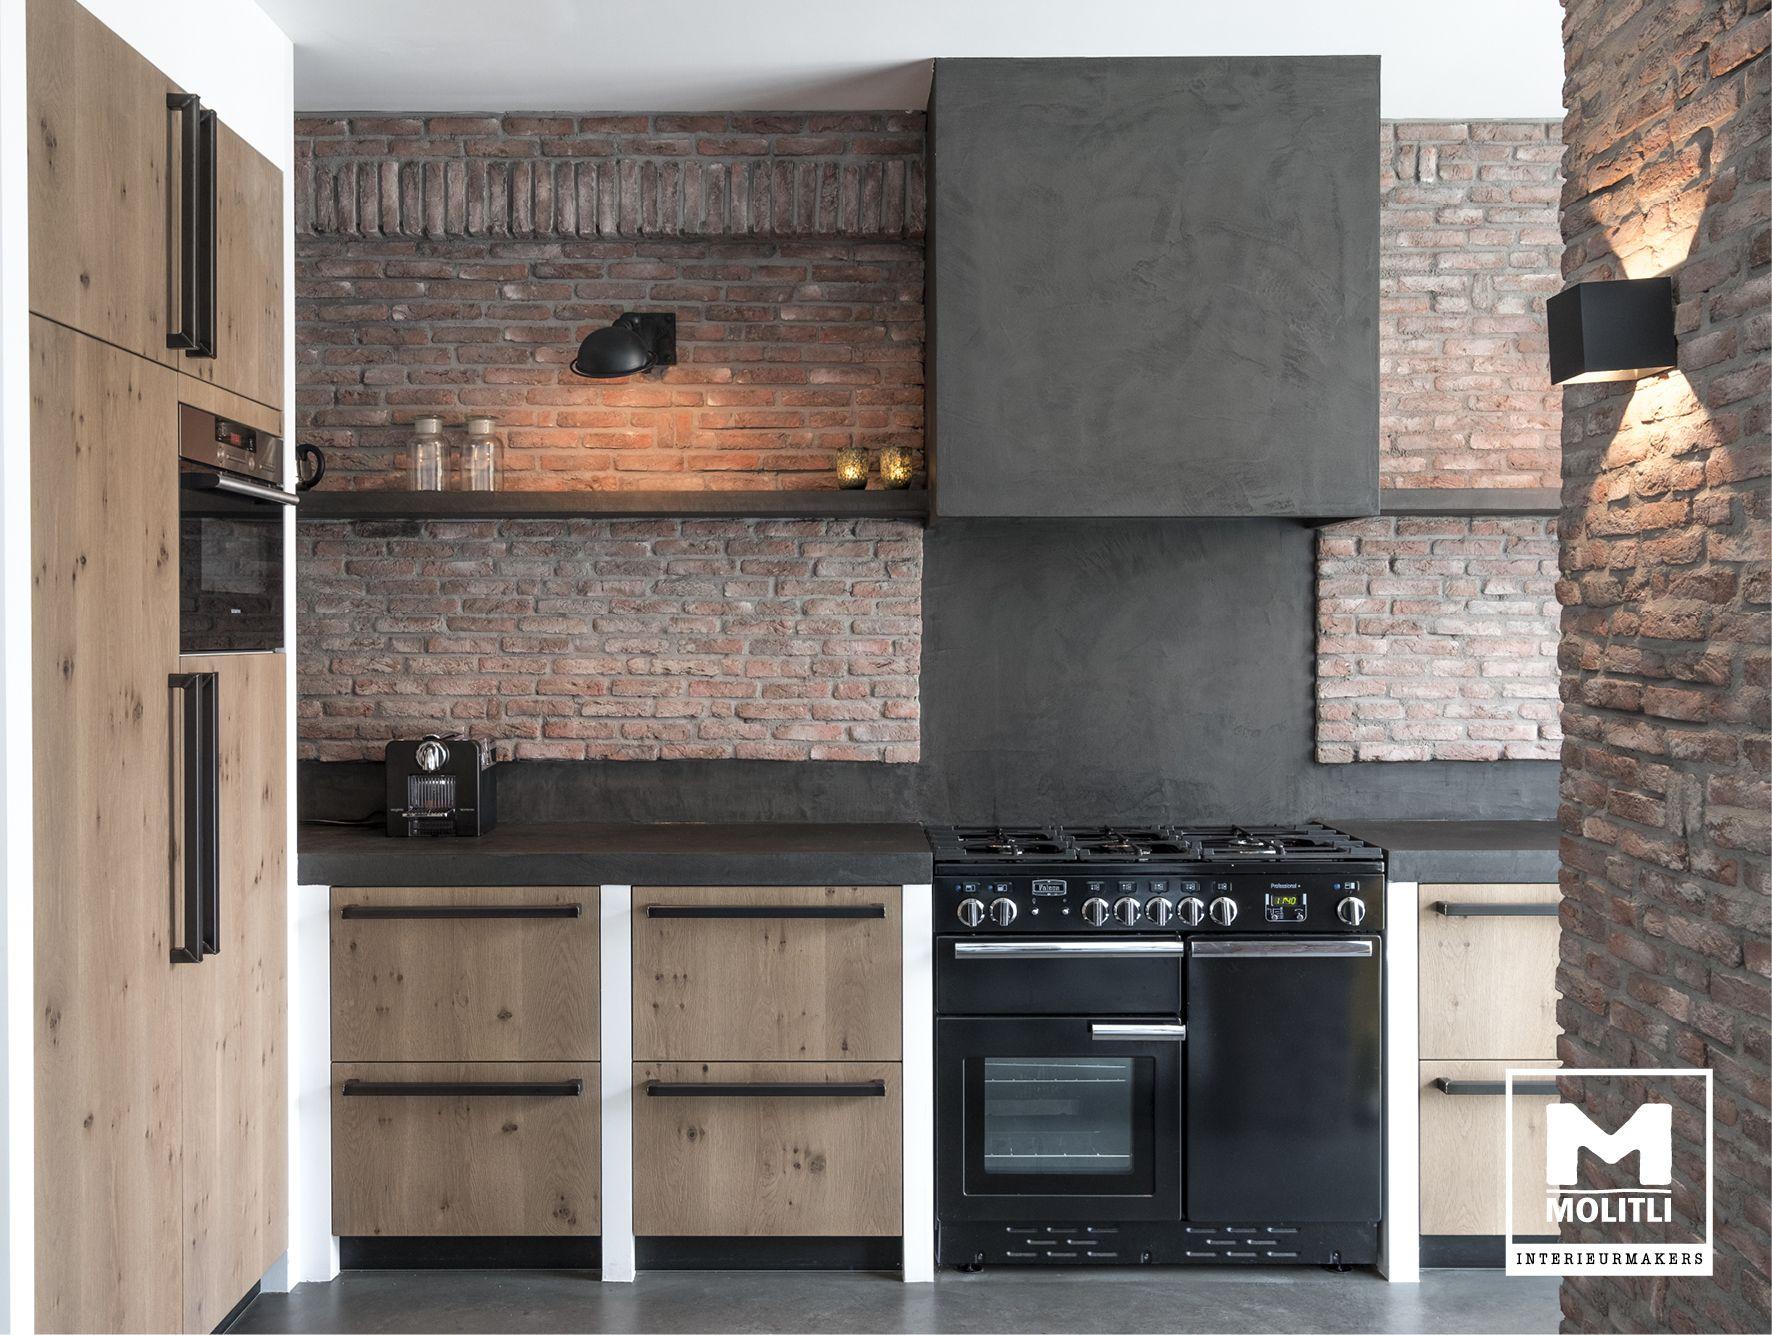 Keuken betonstuc en steense wand! keuken pinterest kitchens